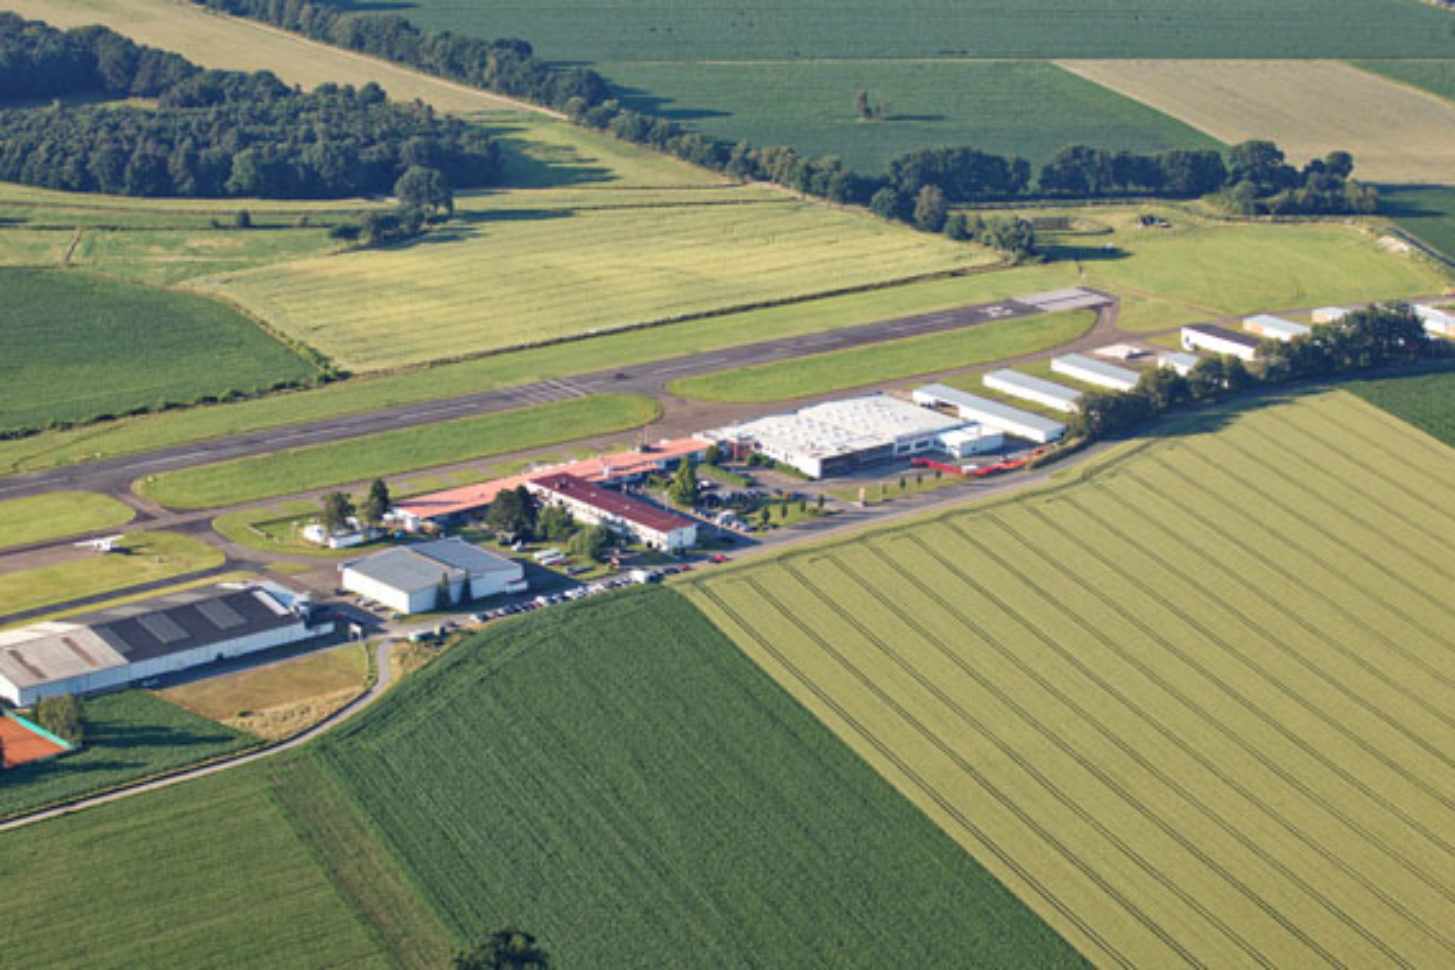 Treffpunkt in Norddeutschland: Ganderkesee-Atlas Airfield (EDWQ)